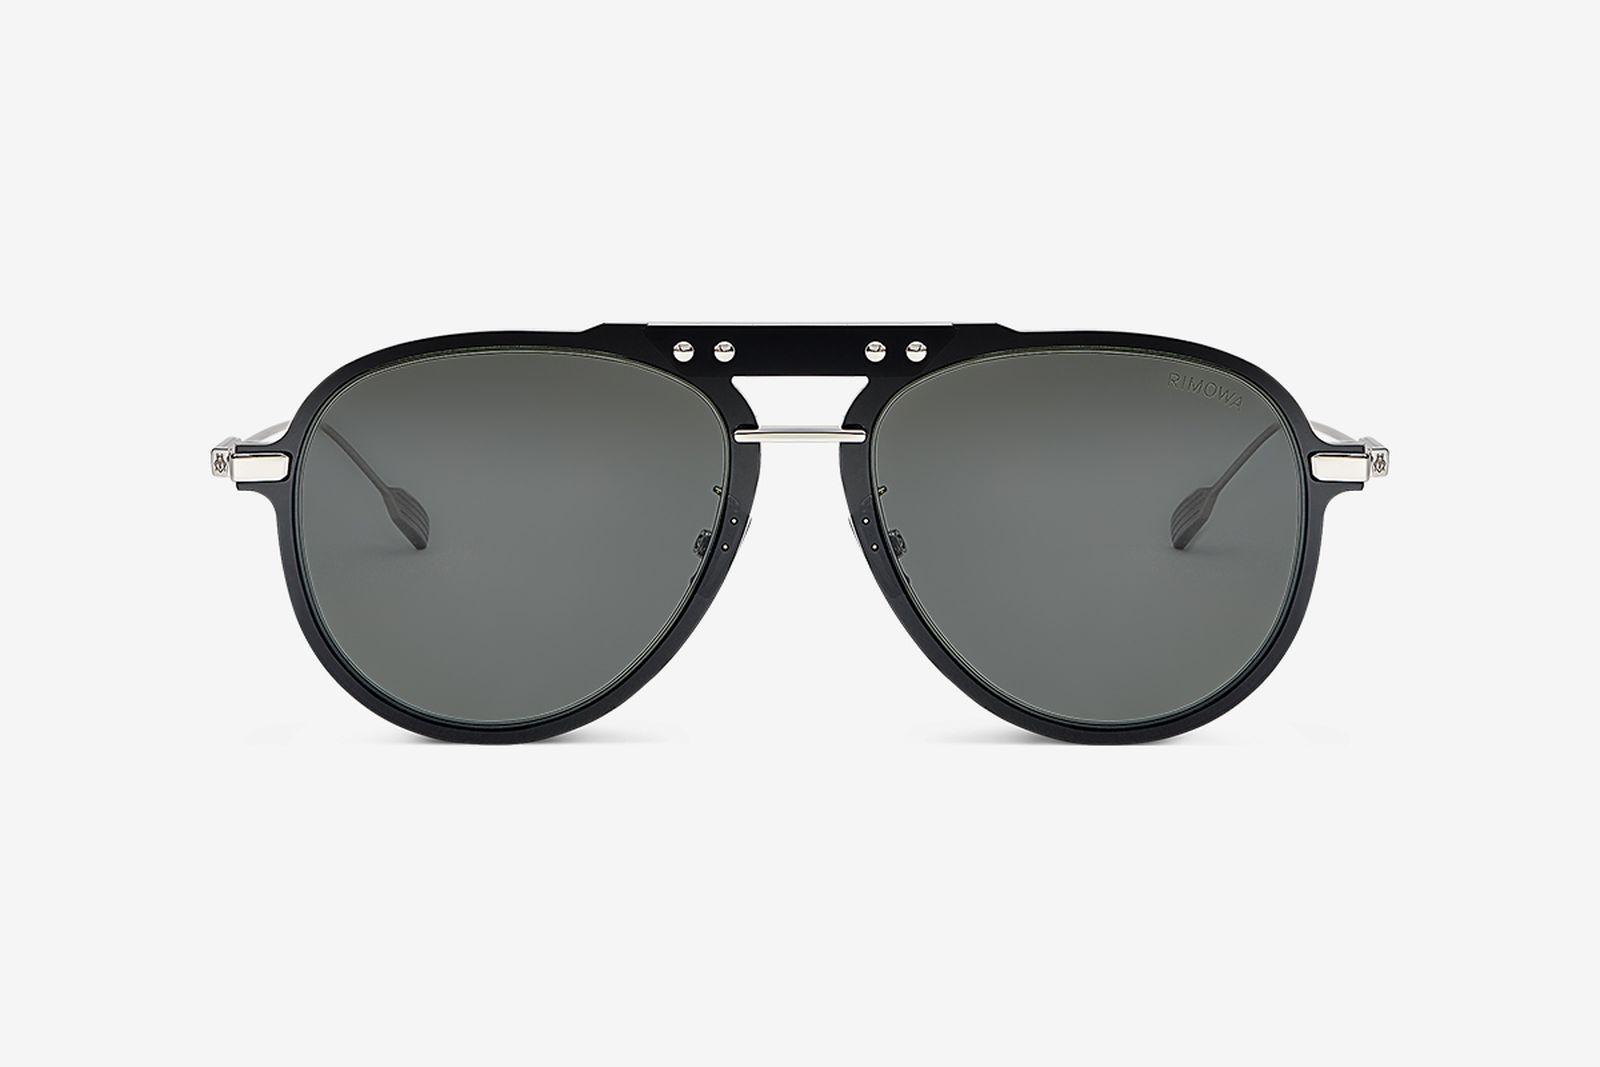 rimowa-eyewear-20